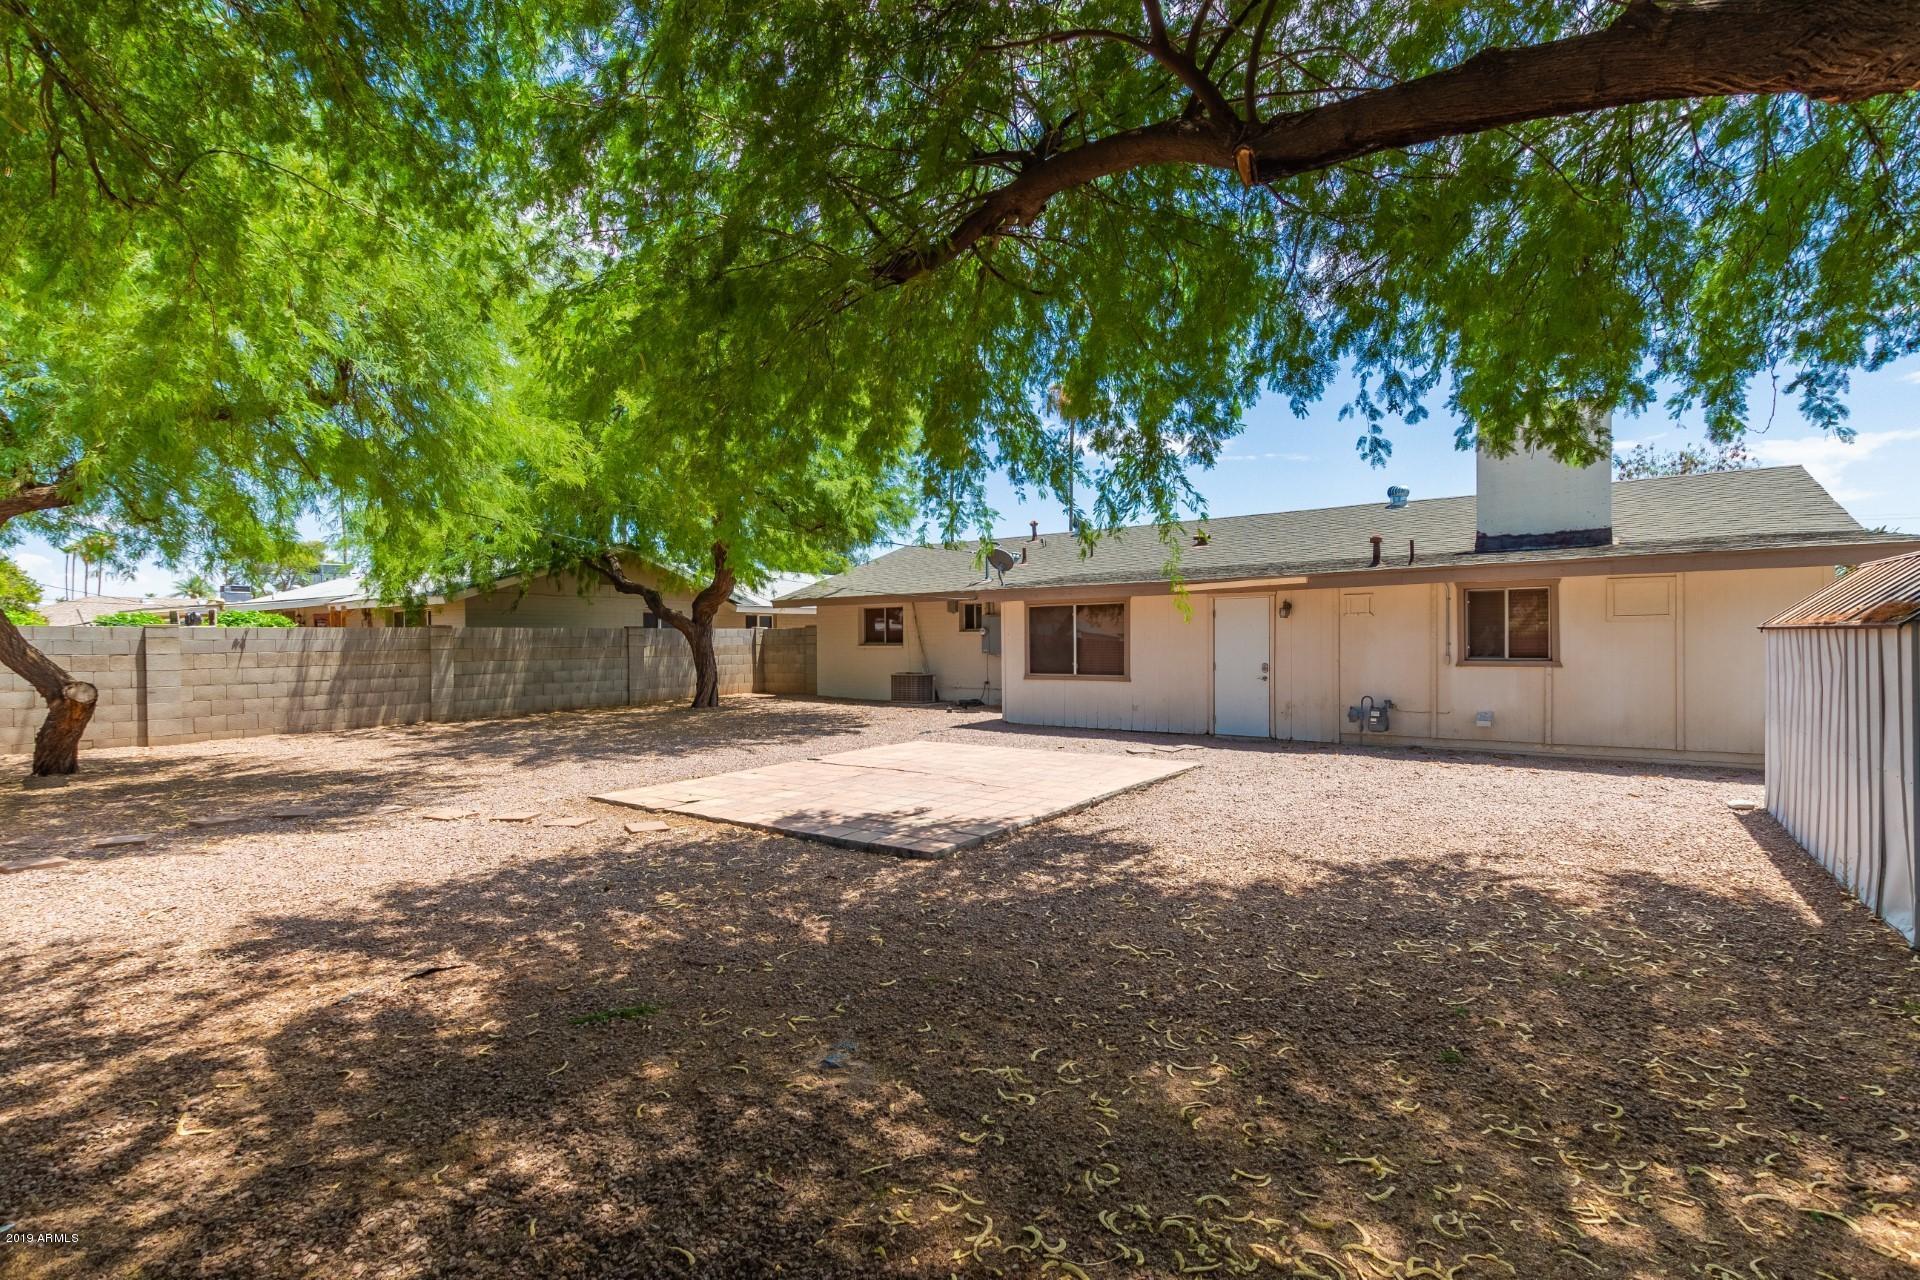 MLS 5956028 924 E WESLEYAN Drive, Tempe, AZ 85282 Tempe AZ Tempe Royal Palms